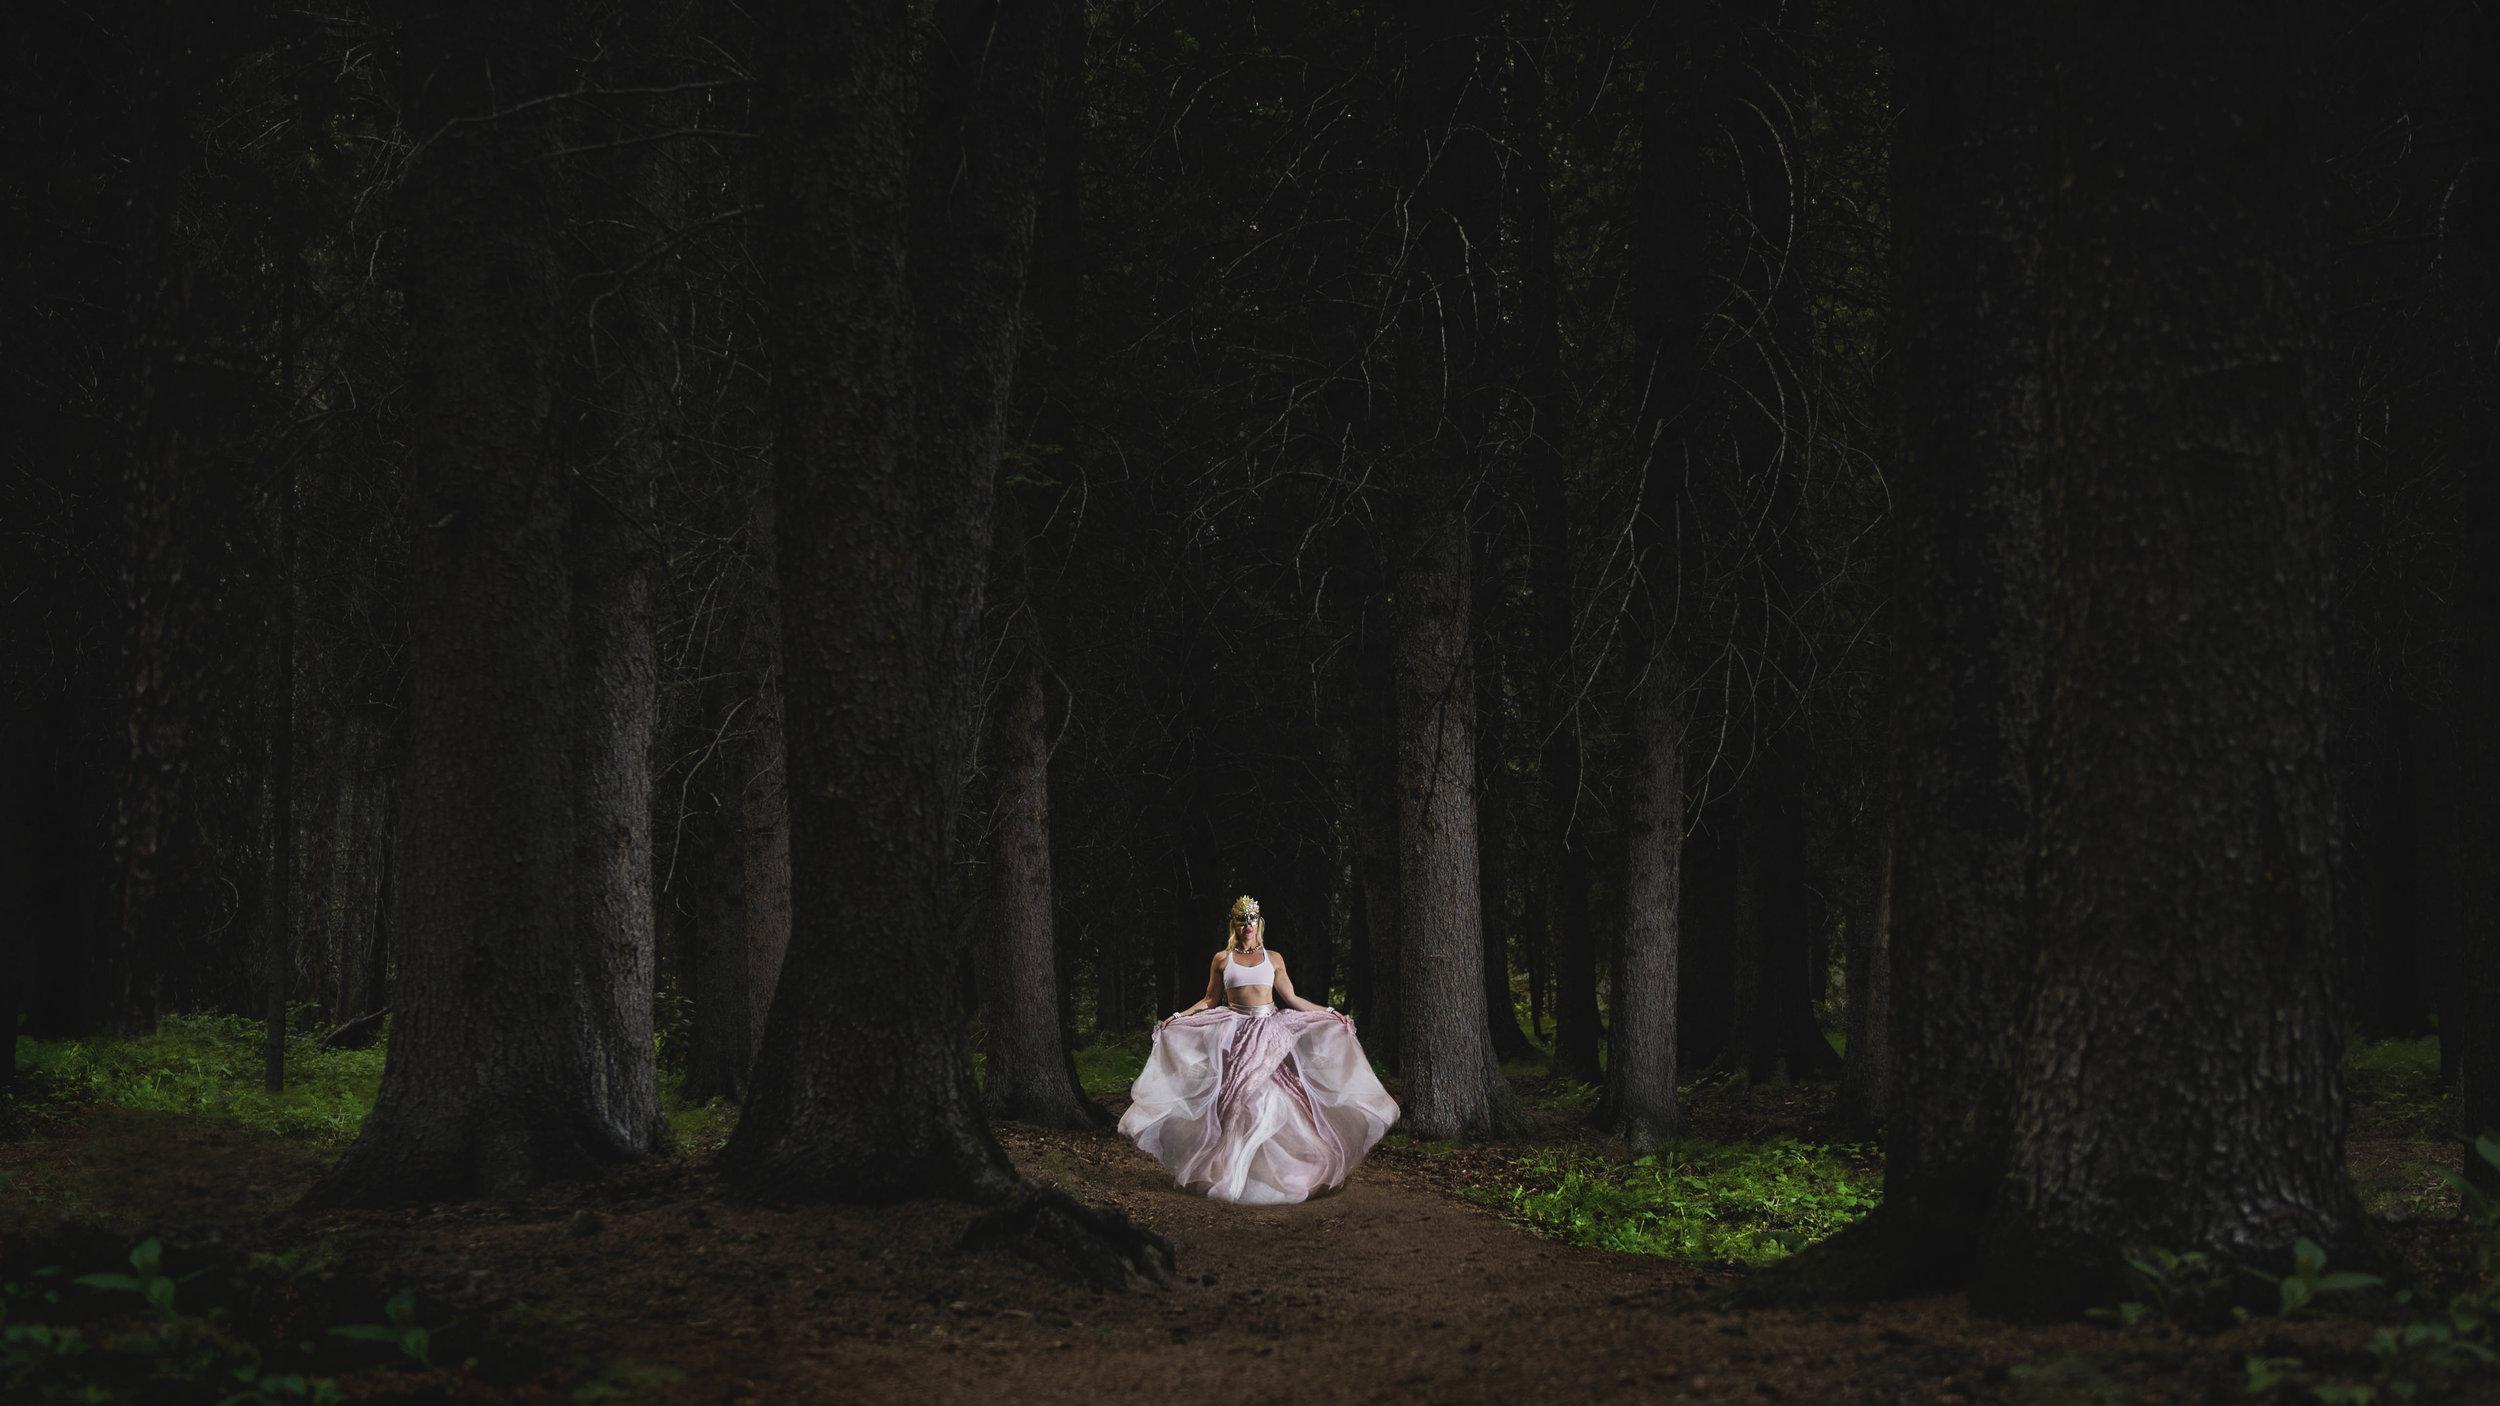 S618-4_Untold Fairytale.jpg